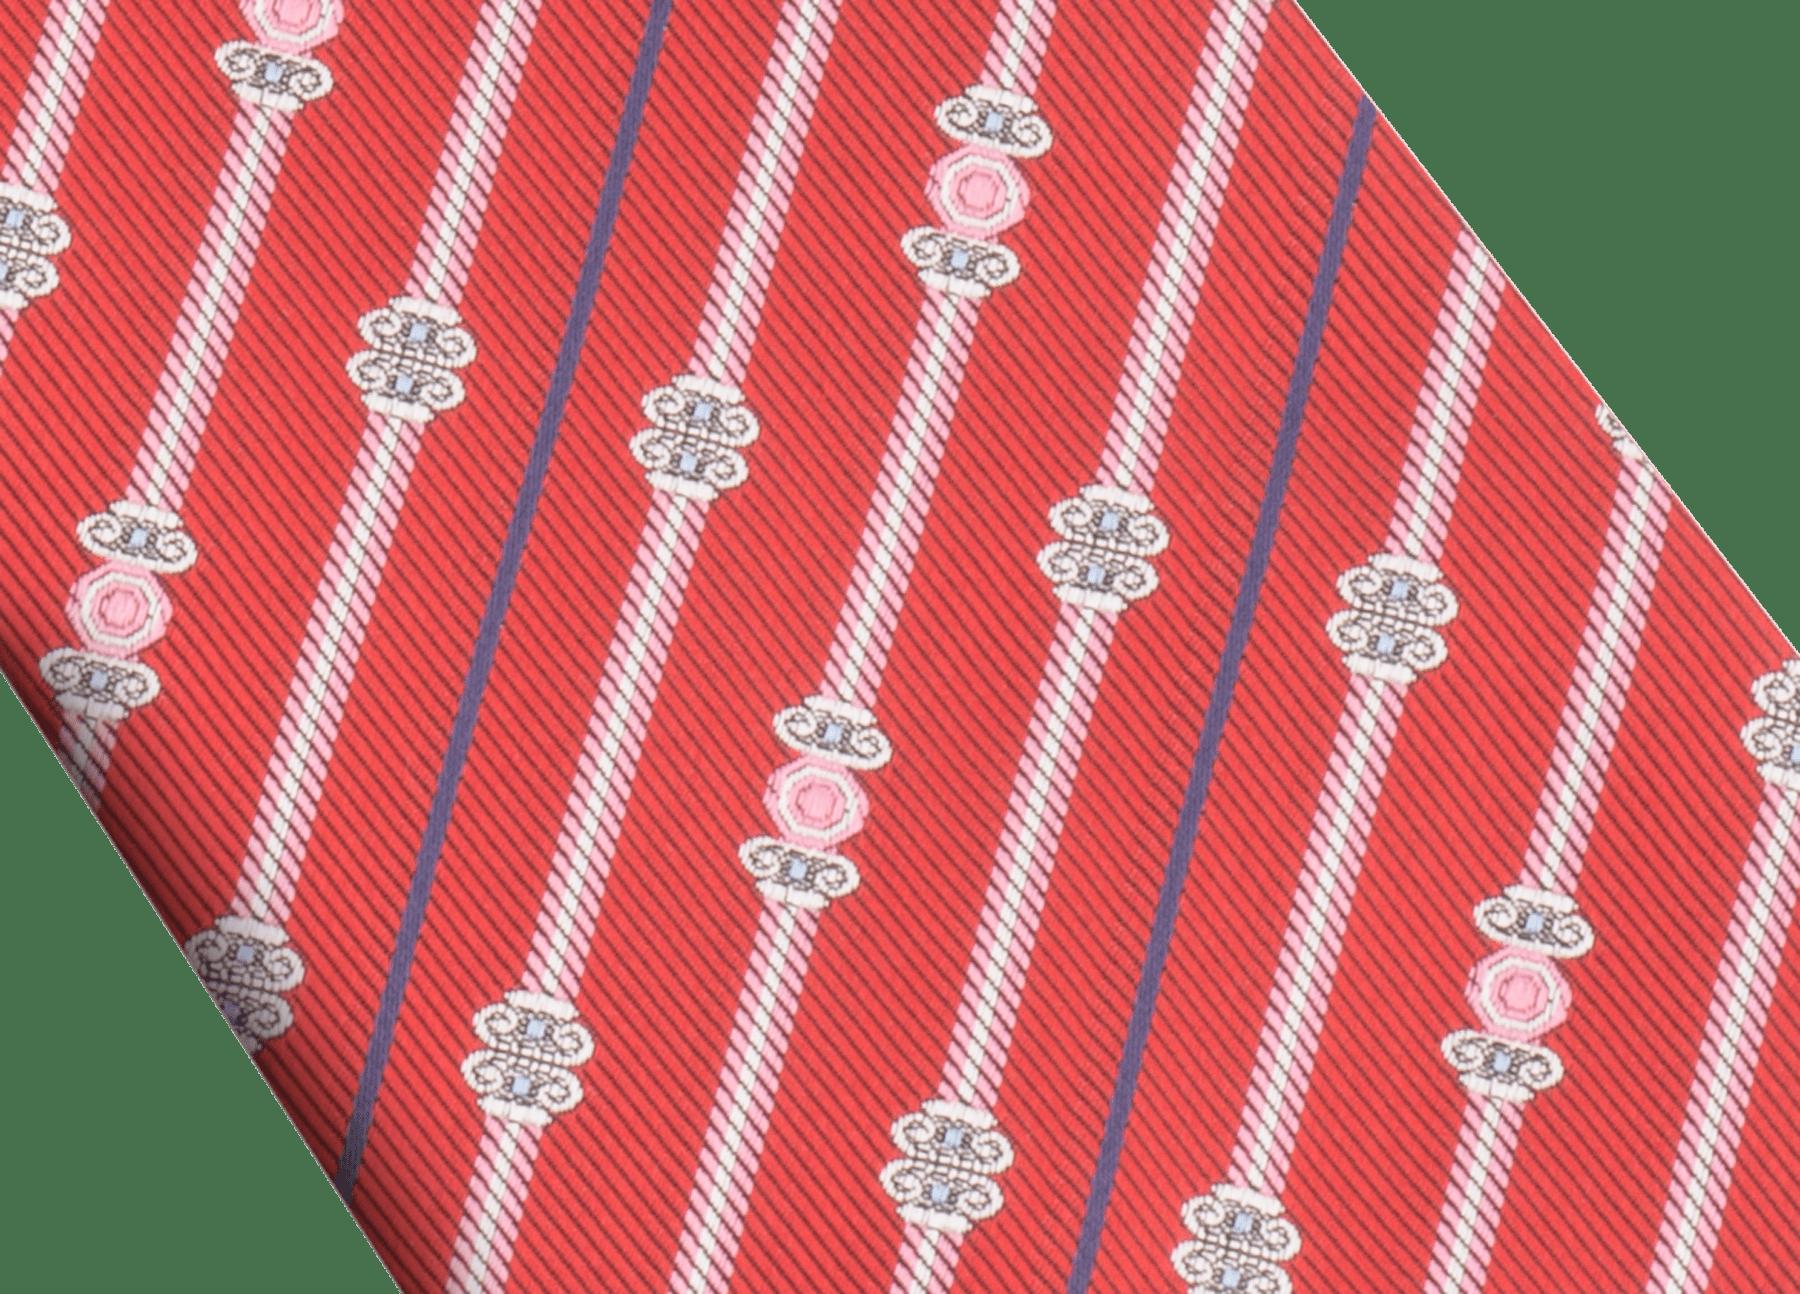 レッドの上質なジャガードシルク製「ブルガリ ピラーズ」セブンフォールドタイ。 BULGARIPILLARS image 2